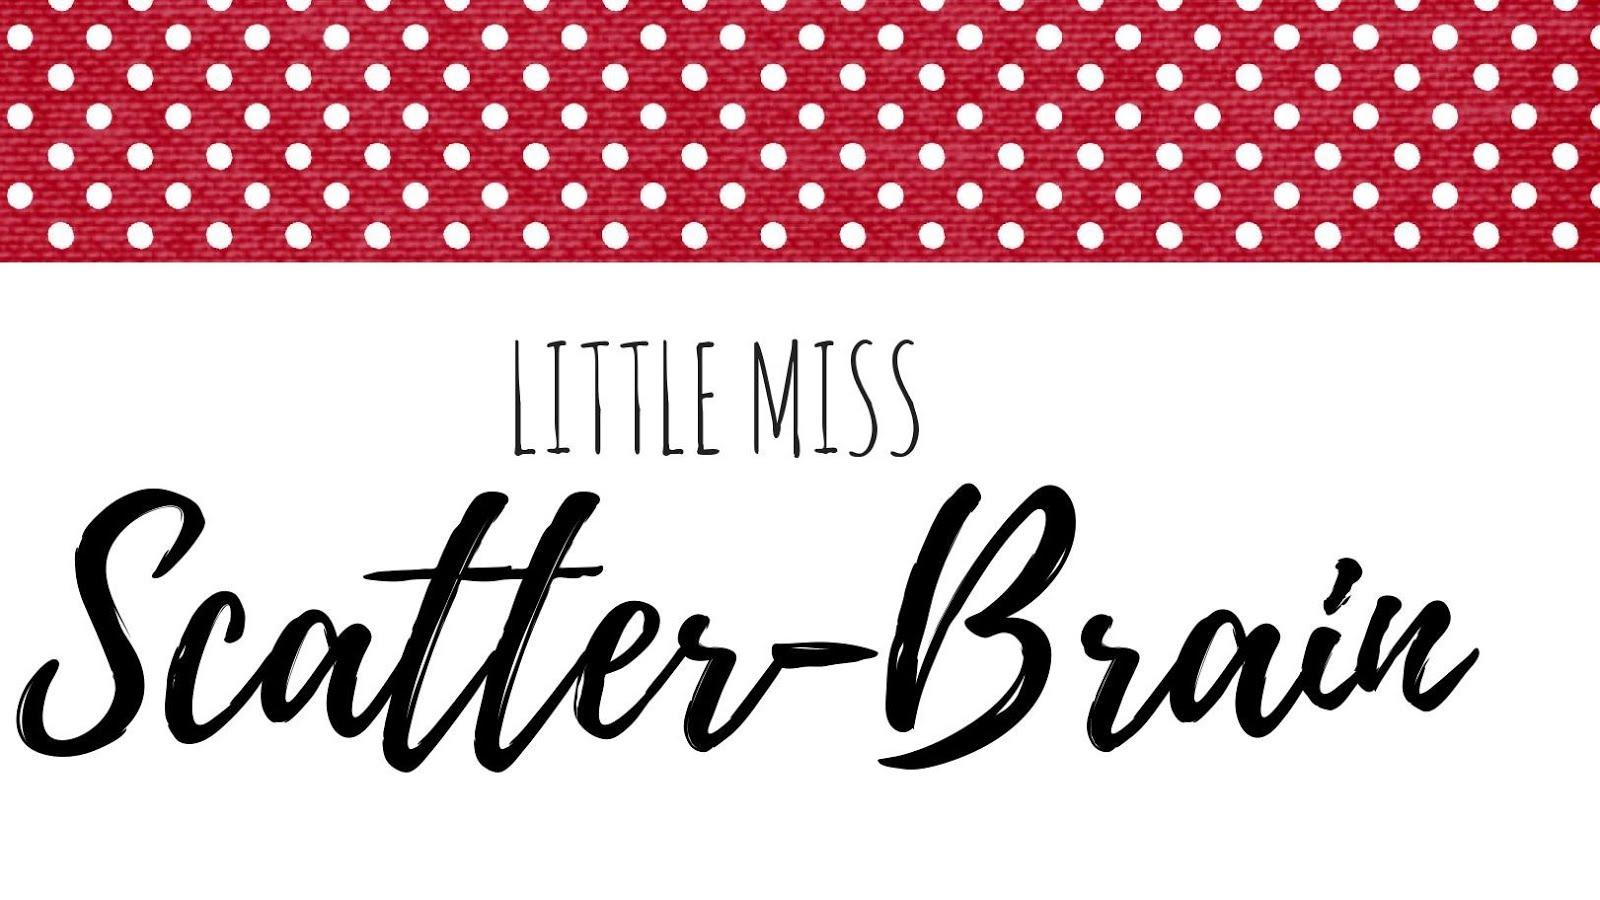 Little Miss Scatter-Brain